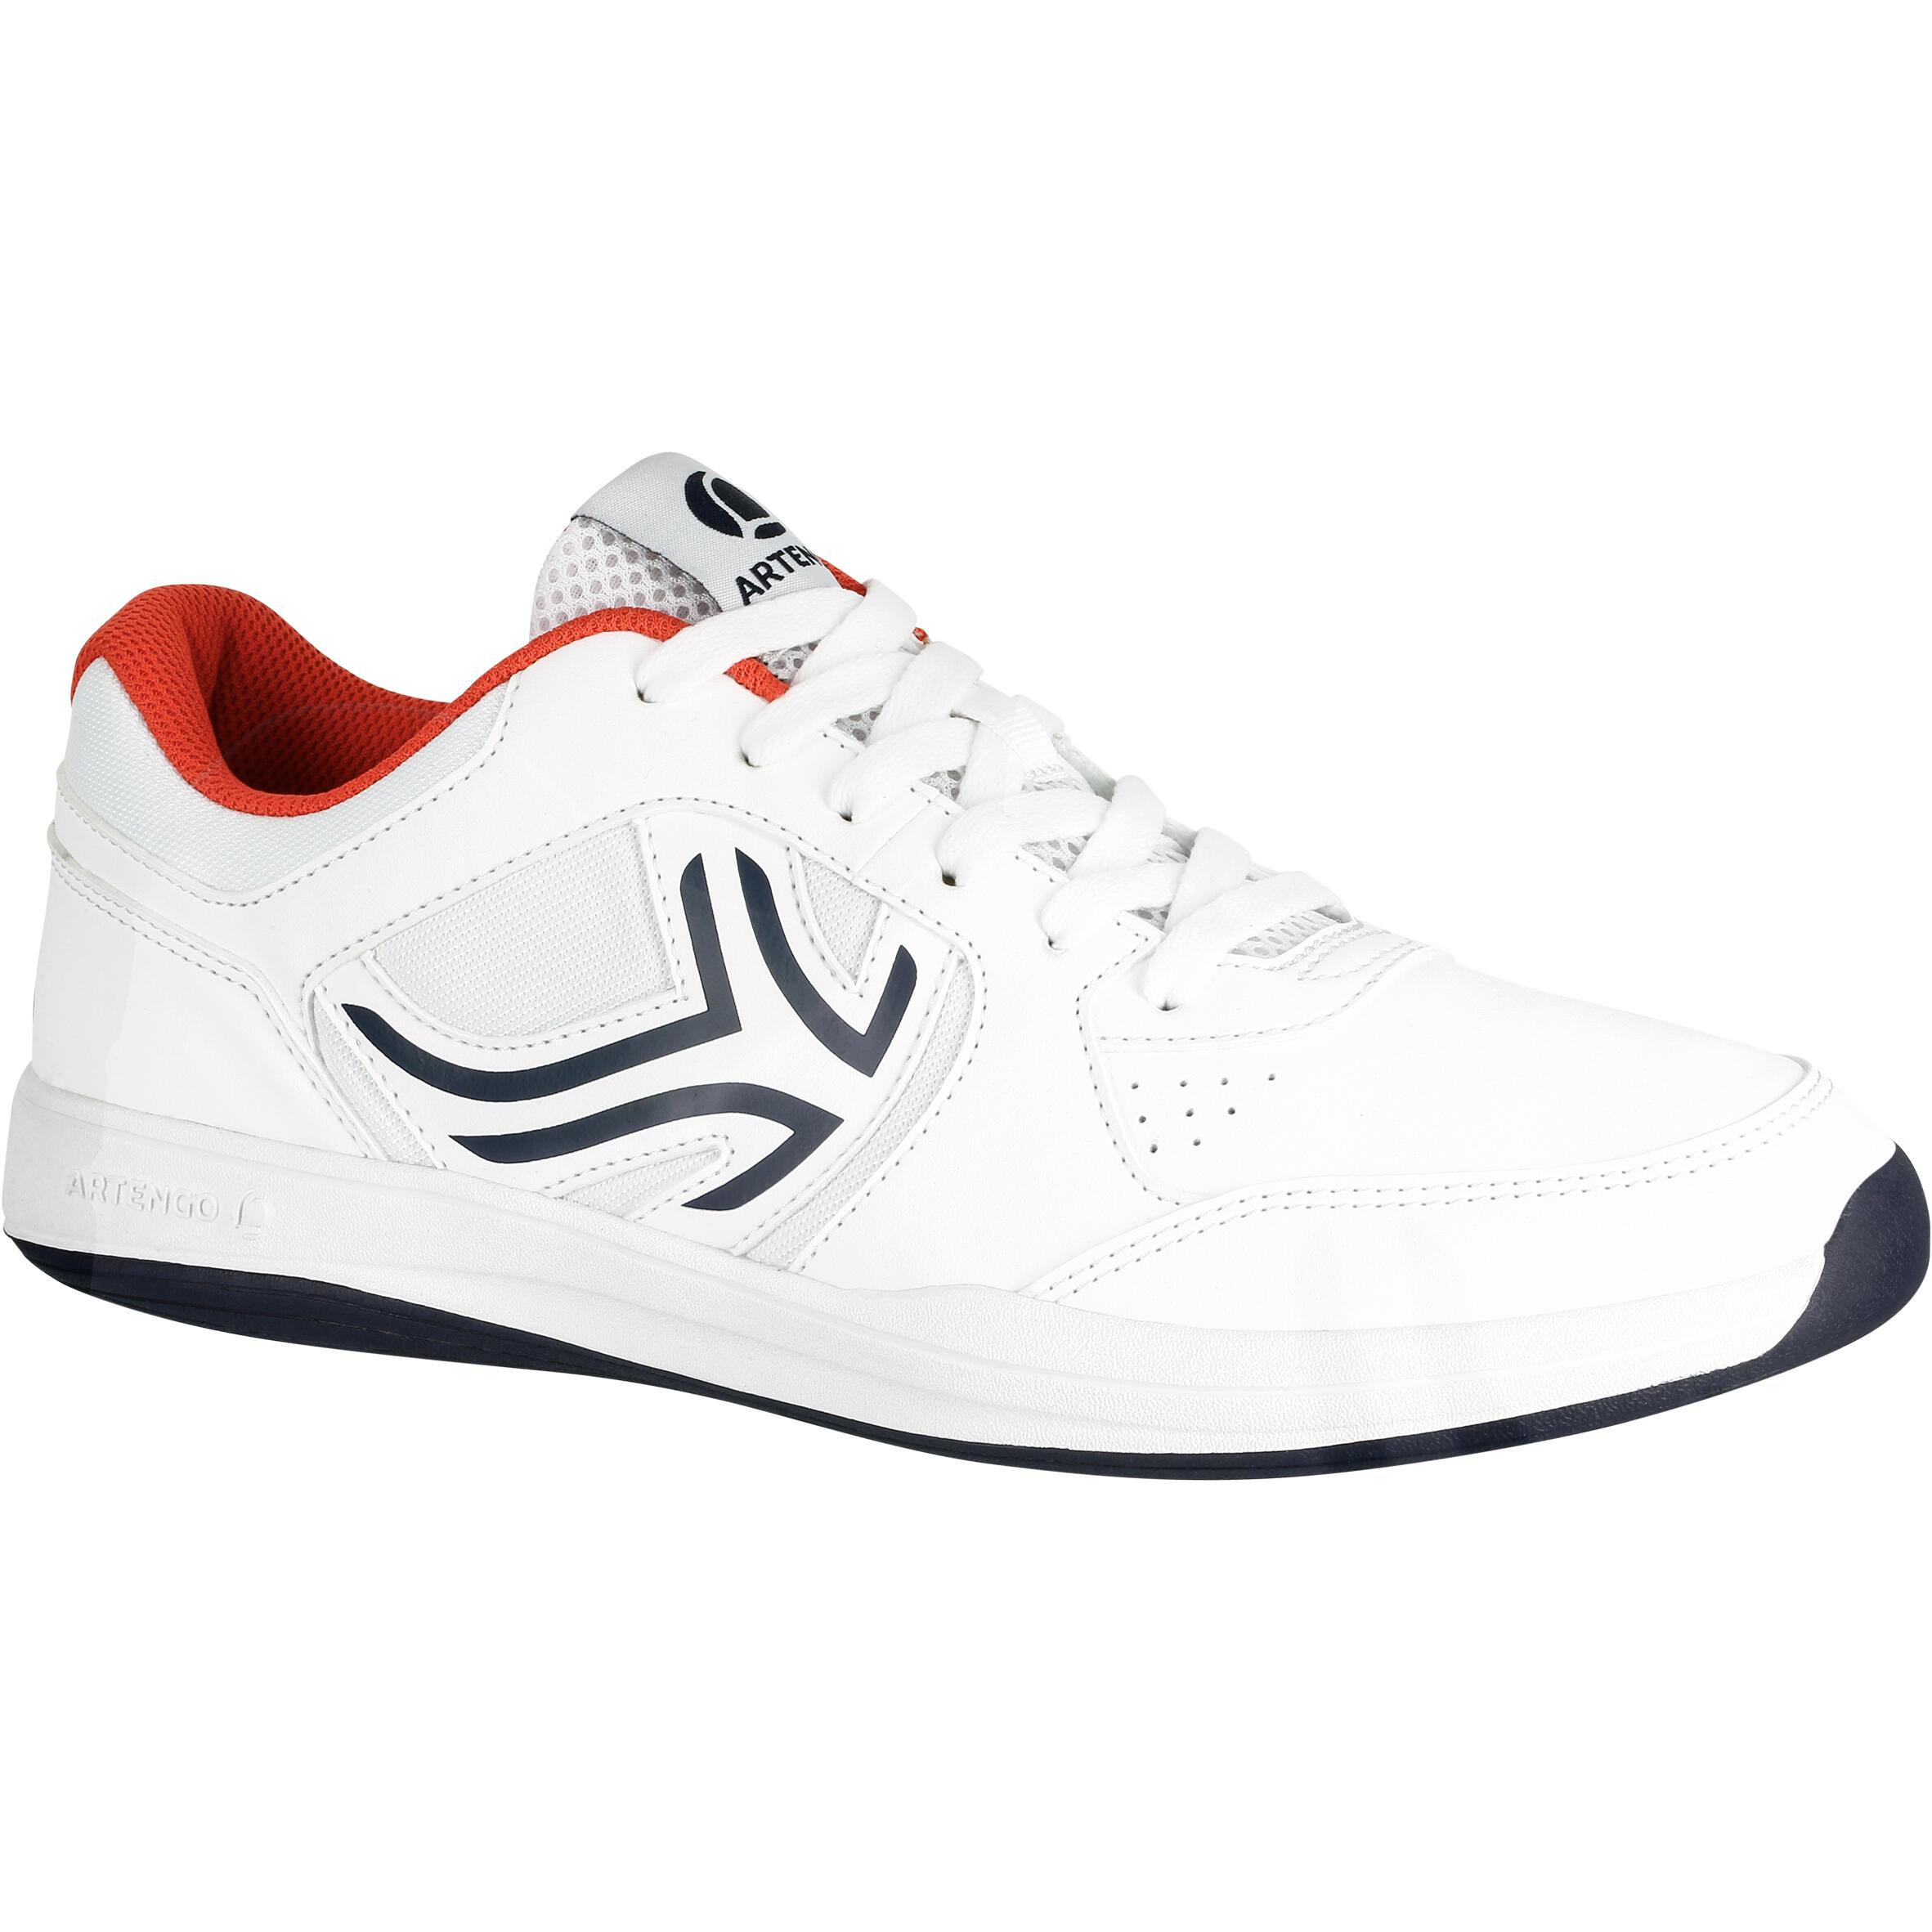 Tennisschuhe TS130 Multicourt Herren weiß | Schuhe > Sportschuhe > Tennisschuhe | Weiß - Rot | Artengo